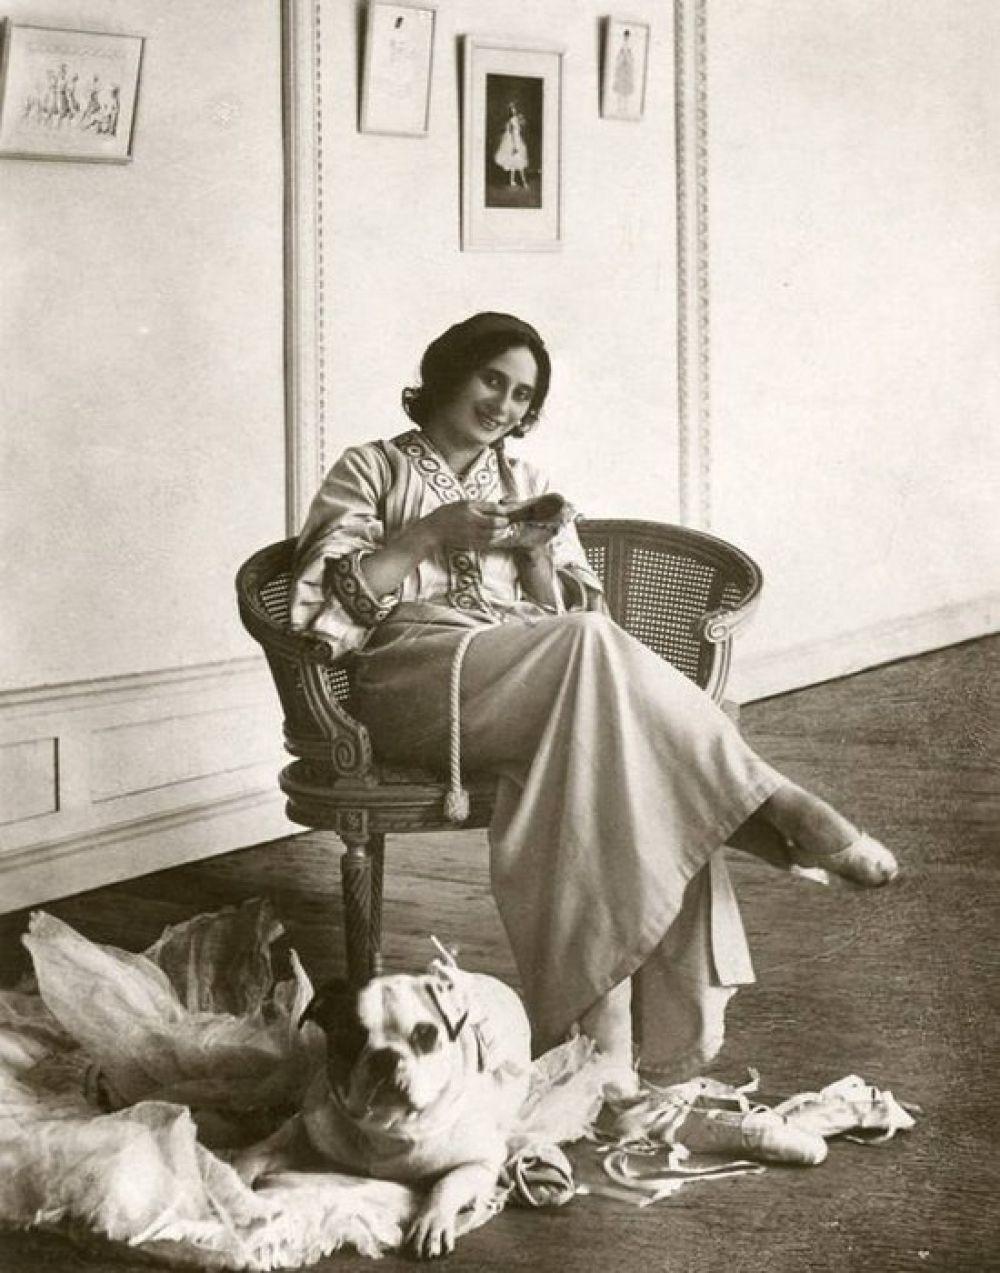 """Анну любили не только за ее бесконечную грацию, неповторимый стиль танца и партию Лебедя. Балерина, не имея собственной полноценной семьи и детей, всегда старалась помочь неимущим. Долгое время часть своих гонораров она перечисляла в Фонд помощи матерям, а во время Первой мировой войны давала благотворительные концерты для Красного Креста, перечисляла хорошую долю гонораров на нужды госпиталей и раненых. """"Анна благотворитель"""" - так называли ее многие знакомые."""